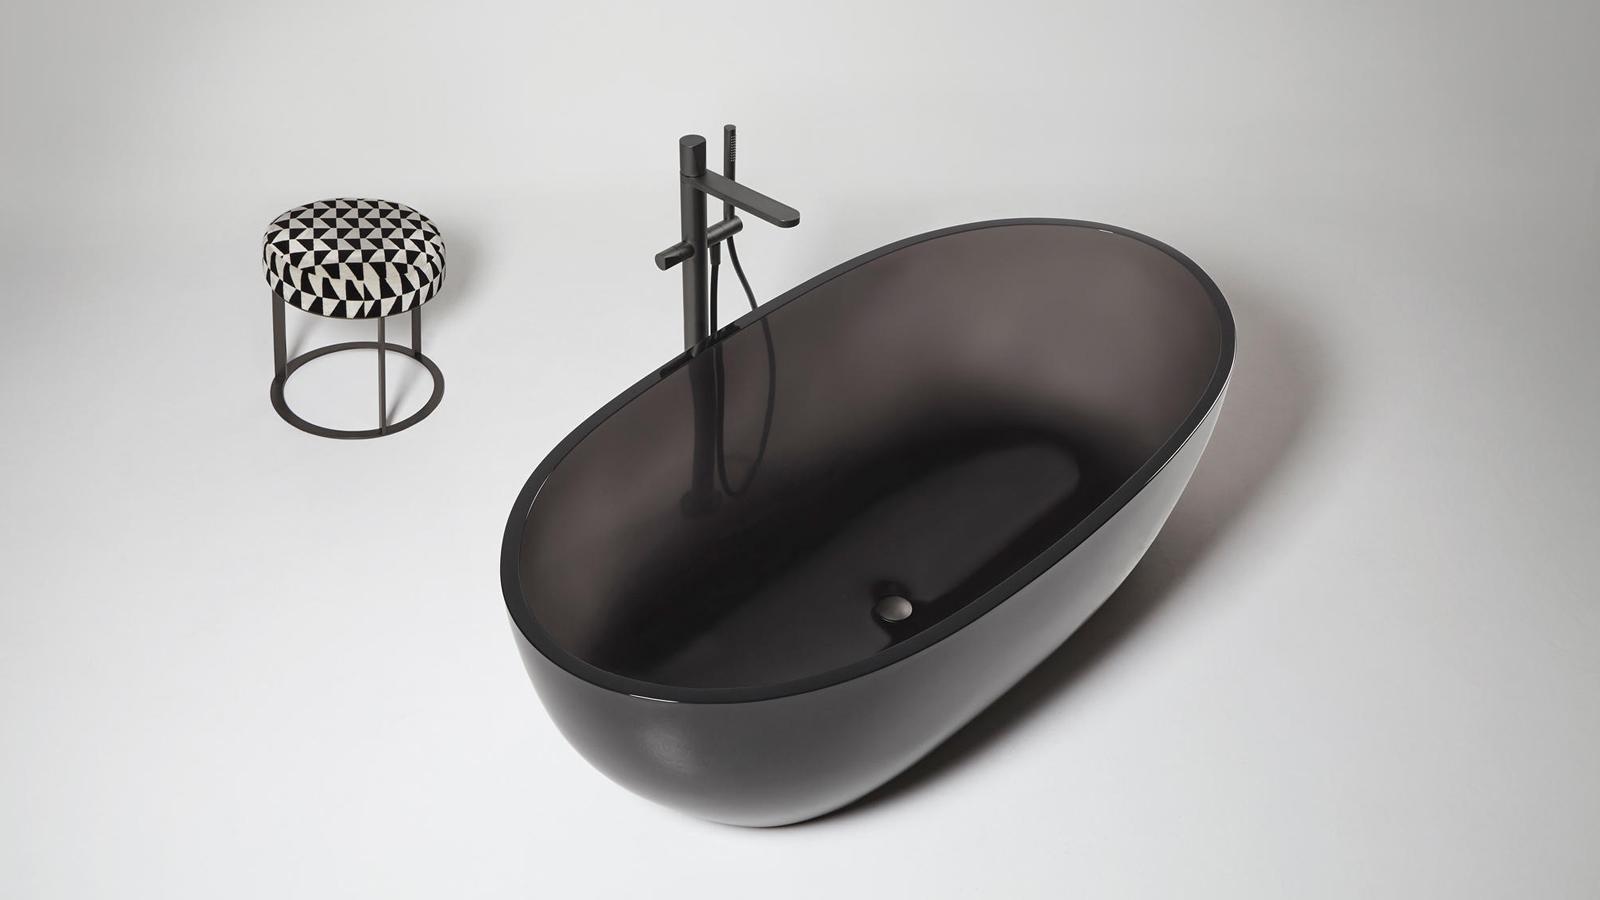 Az antoniolupi Reflect kádja sajátos technikai karakterrel bír - a tervezést megelőző kutatási folyamatnak köszönhetően egy olyan anyagot fejlesztettek, amely nem csak ránézésre, de fizikailag is egy könnyű anyagot hoz létre. Az ívelt, lágy formavilág és a könnyű anyag kettőse meleg, meghitt teret biztosít a fürdéshez, transzparenciájával pedig a víz főszerepét adja vissza. A kissé áttetsző anyag ugyanis lehetővé teszi, hogy a víz áramlása, mozgása megfigyelhető legyen a kádon kívül is. Az önmagában is markáns elem a csapot megnyitva vibráló, élettel teli szereplője lesz a fürdőszobának - így válik a fürdés vizuális élménnyé.